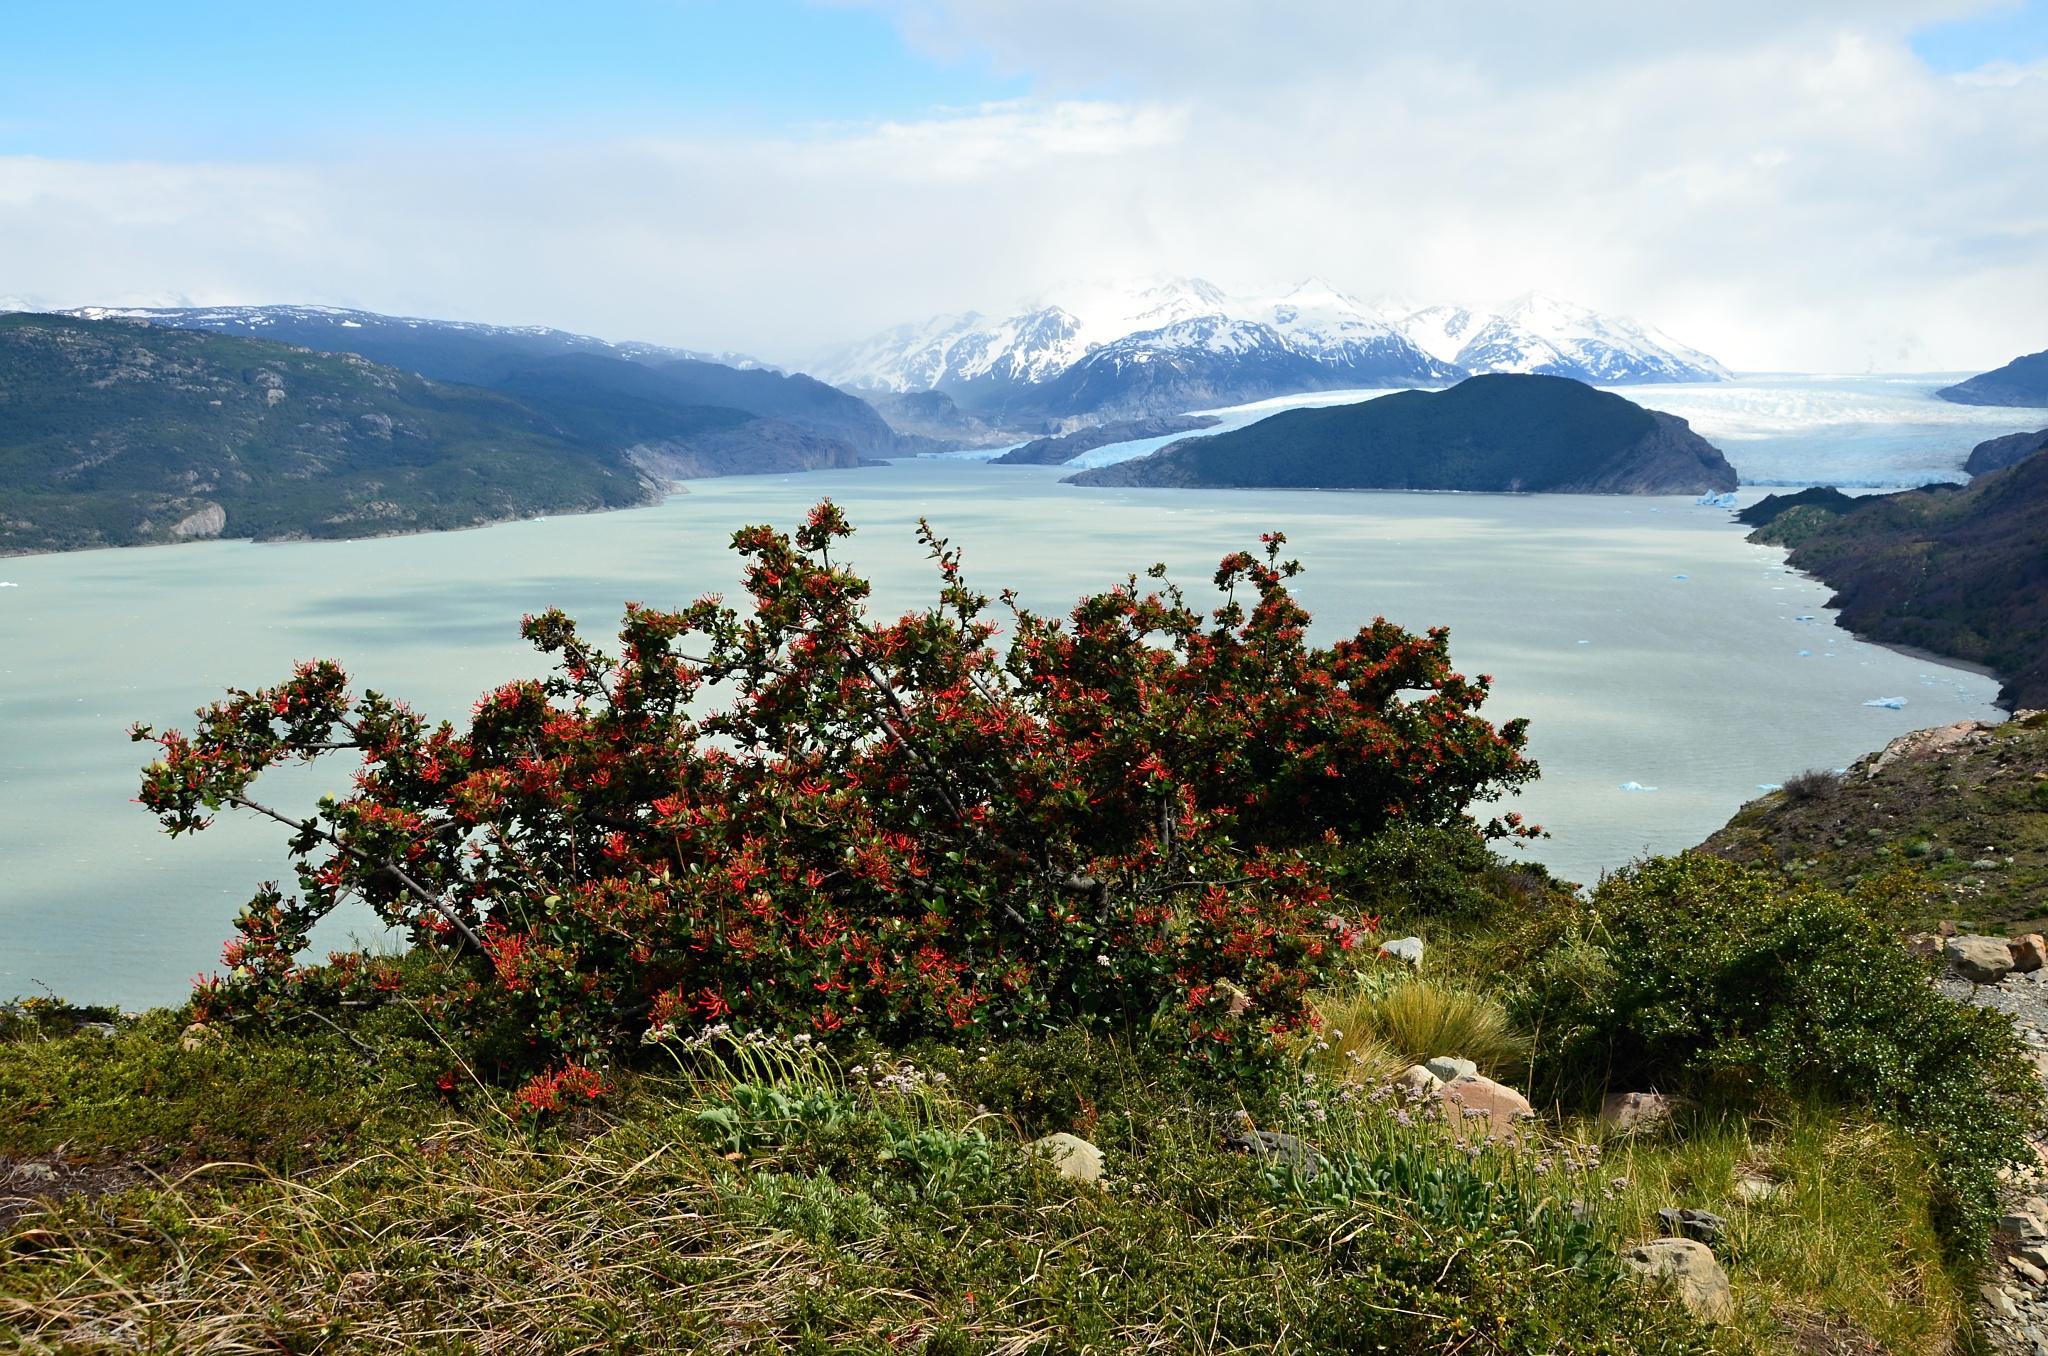 Červeně kvetoucí keř chilského ohnivého stromu před ledovcem Grey